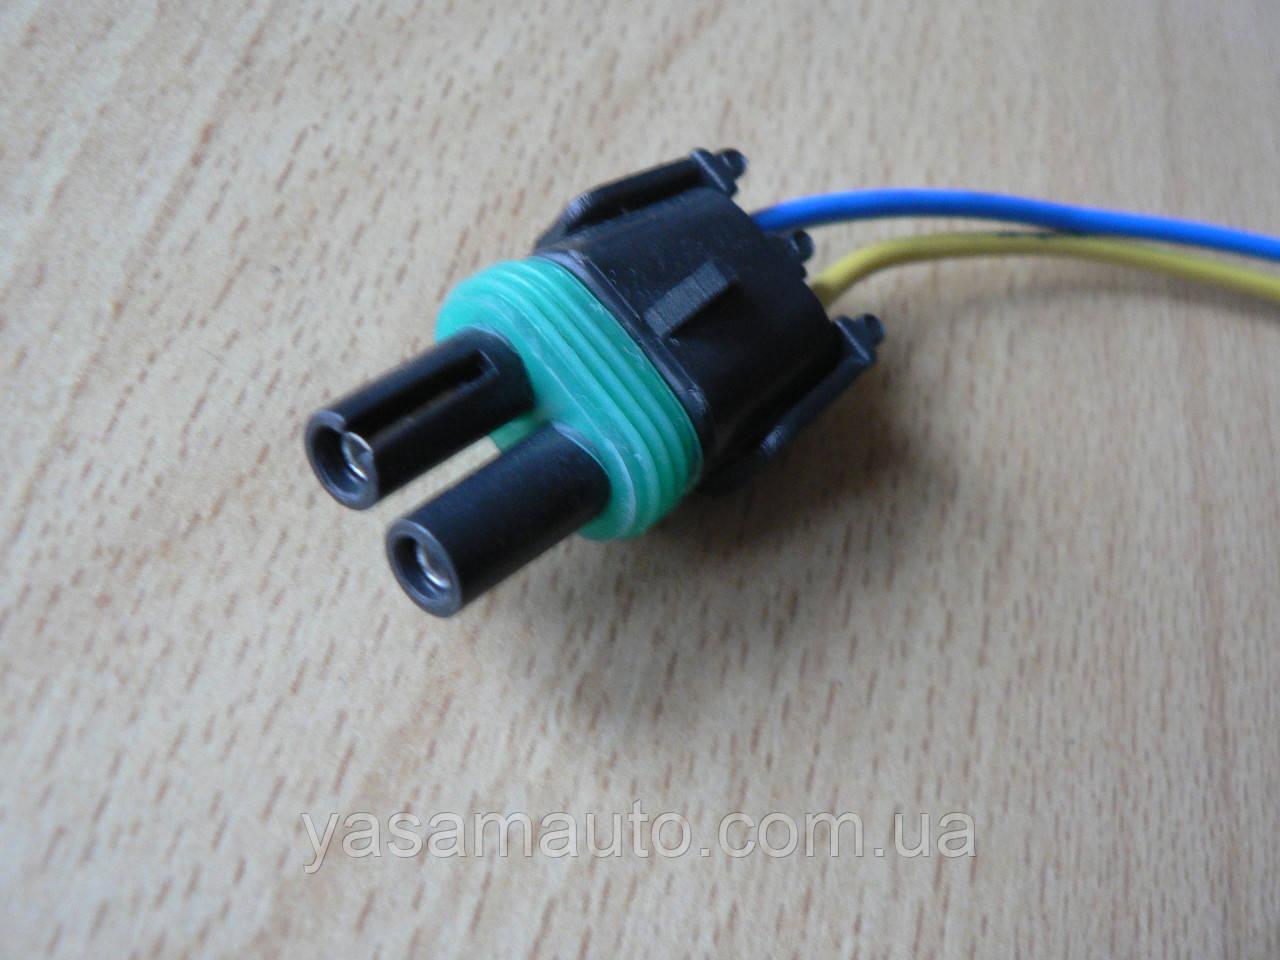 Колодка Lanos роз'єм проводки Ланос №8а лямбда-зонд на 2 контакту з проводами